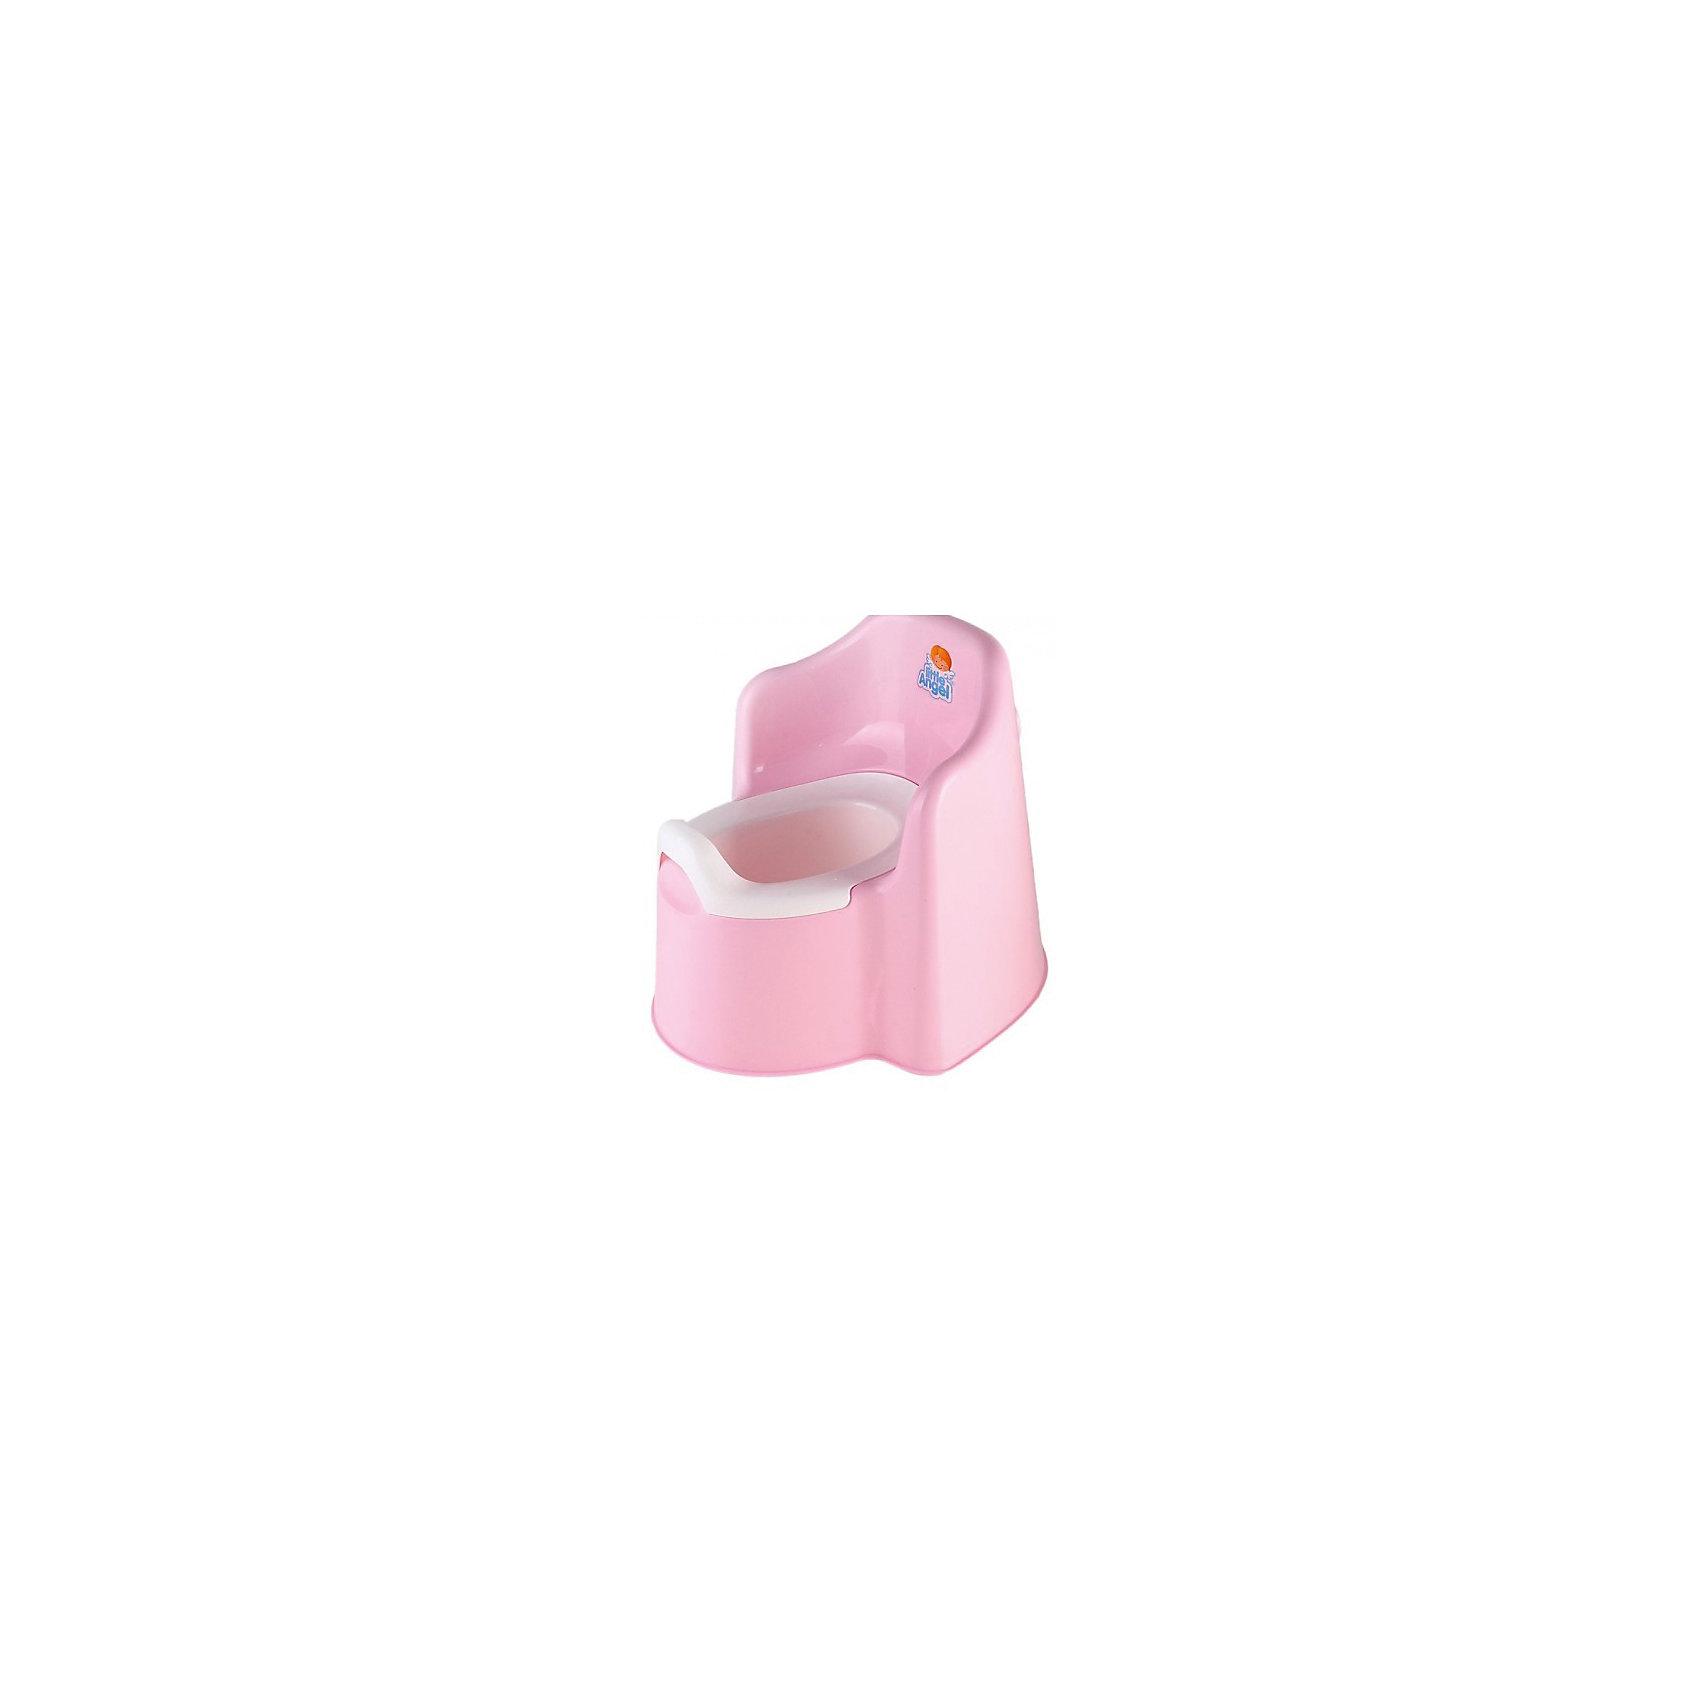 Горшок Little king, Little Angel, розовыйГоршок Little king, Little Angel, розовый изготовлен отечественным производителем  из высококачественного экологически безопасного и прочного пластика. Горшок Little king, Little Angel, розовый выполнен в форме сидения-трона. Горшок состоит из двух частей: корпуса и съемной внутренней части, что обеспечивает удобство в уходе за ним. У горшков данной серии имеется завышенная задняя спинка и боковые бортики, что делает его подходящим даже для тех детей, которые только учатся сидеть. Горшок отличается высокой устойчивостью, что защищает его от опрокидывания. Он достаточно прост в уходе ? легко моется водой.<br><br>Дополнительная информация:<br><br>- Предназначение: для дома<br>- Цвет: розовый<br>- Пол: для девочки<br>- Материал: пластик<br>- Размер (Д*Ш*В): 36,5*34*31 см<br>- Вес: 809 г<br>- Особенности ухода: разрешается мыть<br><br>Подробнее:<br><br>• Для детей в возрасте: от 0 лет и до 3 лет<br>• Страна производитель: Россия<br>• Торговый бренд: Little Angel<br><br>Горшок Little king, Little Angel, розовый можно купить в нашем интернет-магазине.<br><br>Ширина мм: 350<br>Глубина мм: 365<br>Высота мм: 310<br>Вес г: 700<br>Возраст от месяцев: -2147483648<br>Возраст до месяцев: 2147483647<br>Пол: Женский<br>Возраст: Детский<br>SKU: 3946078